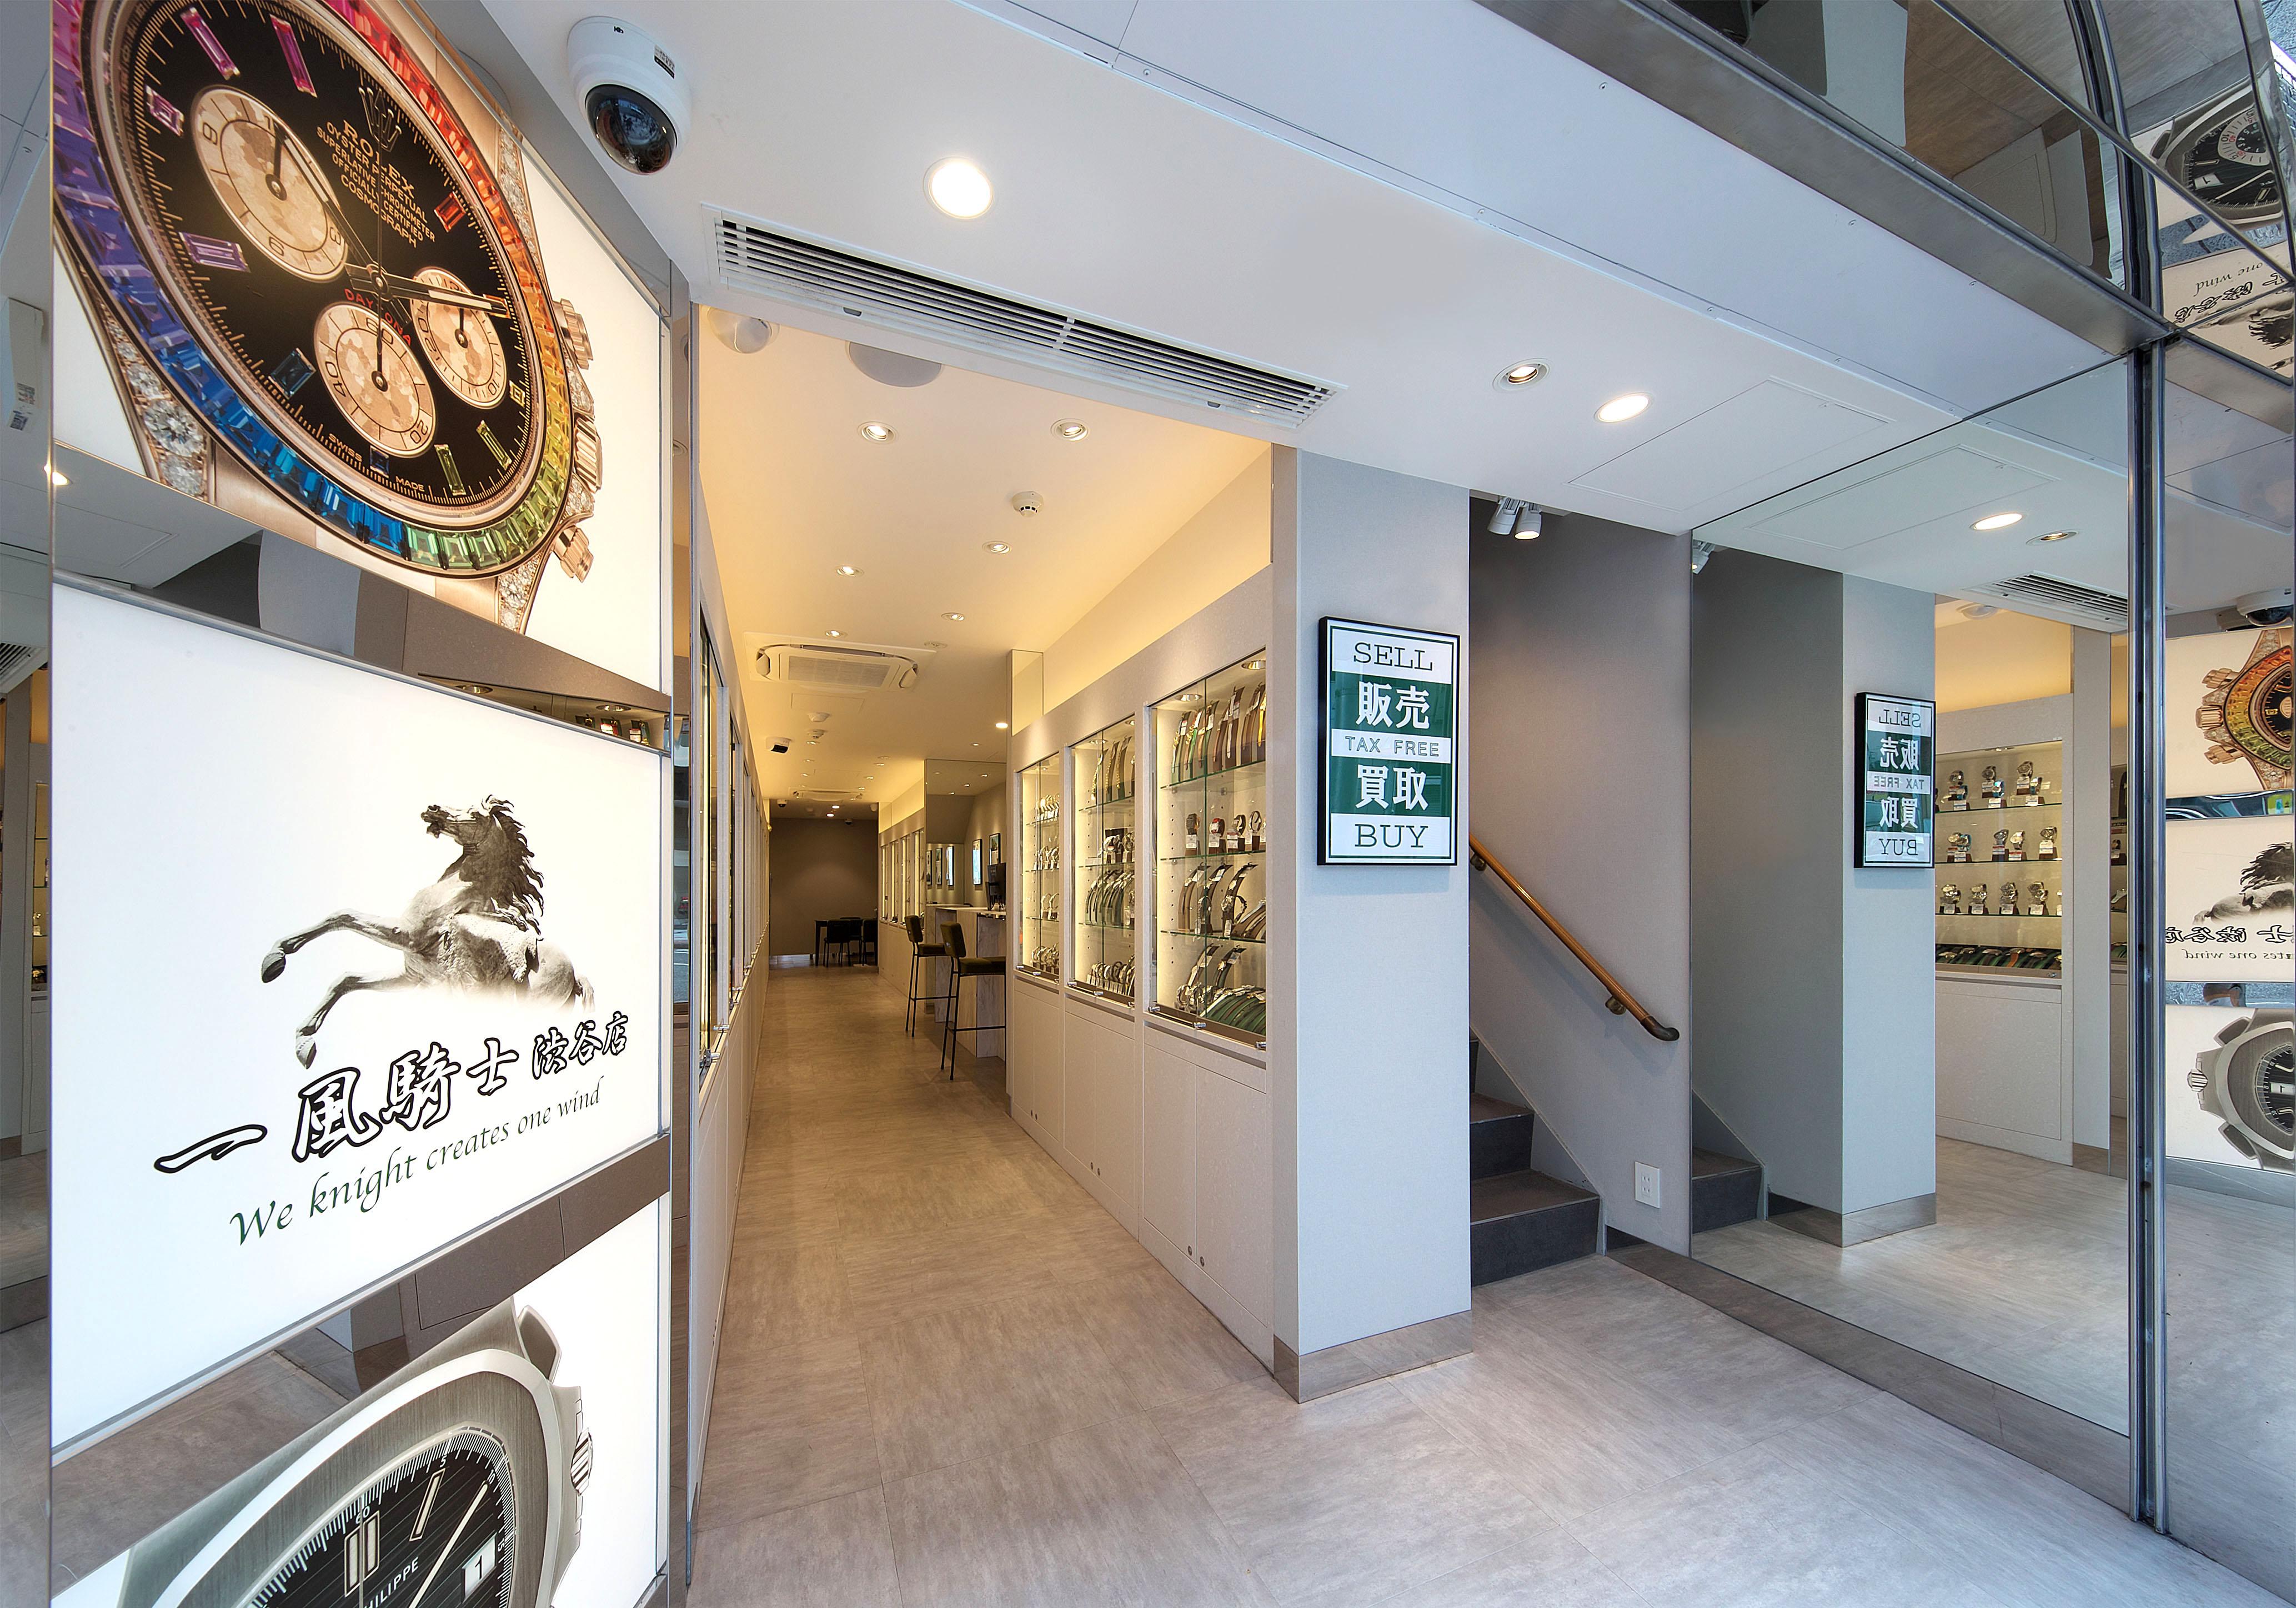 一風騎士 渋谷店-3